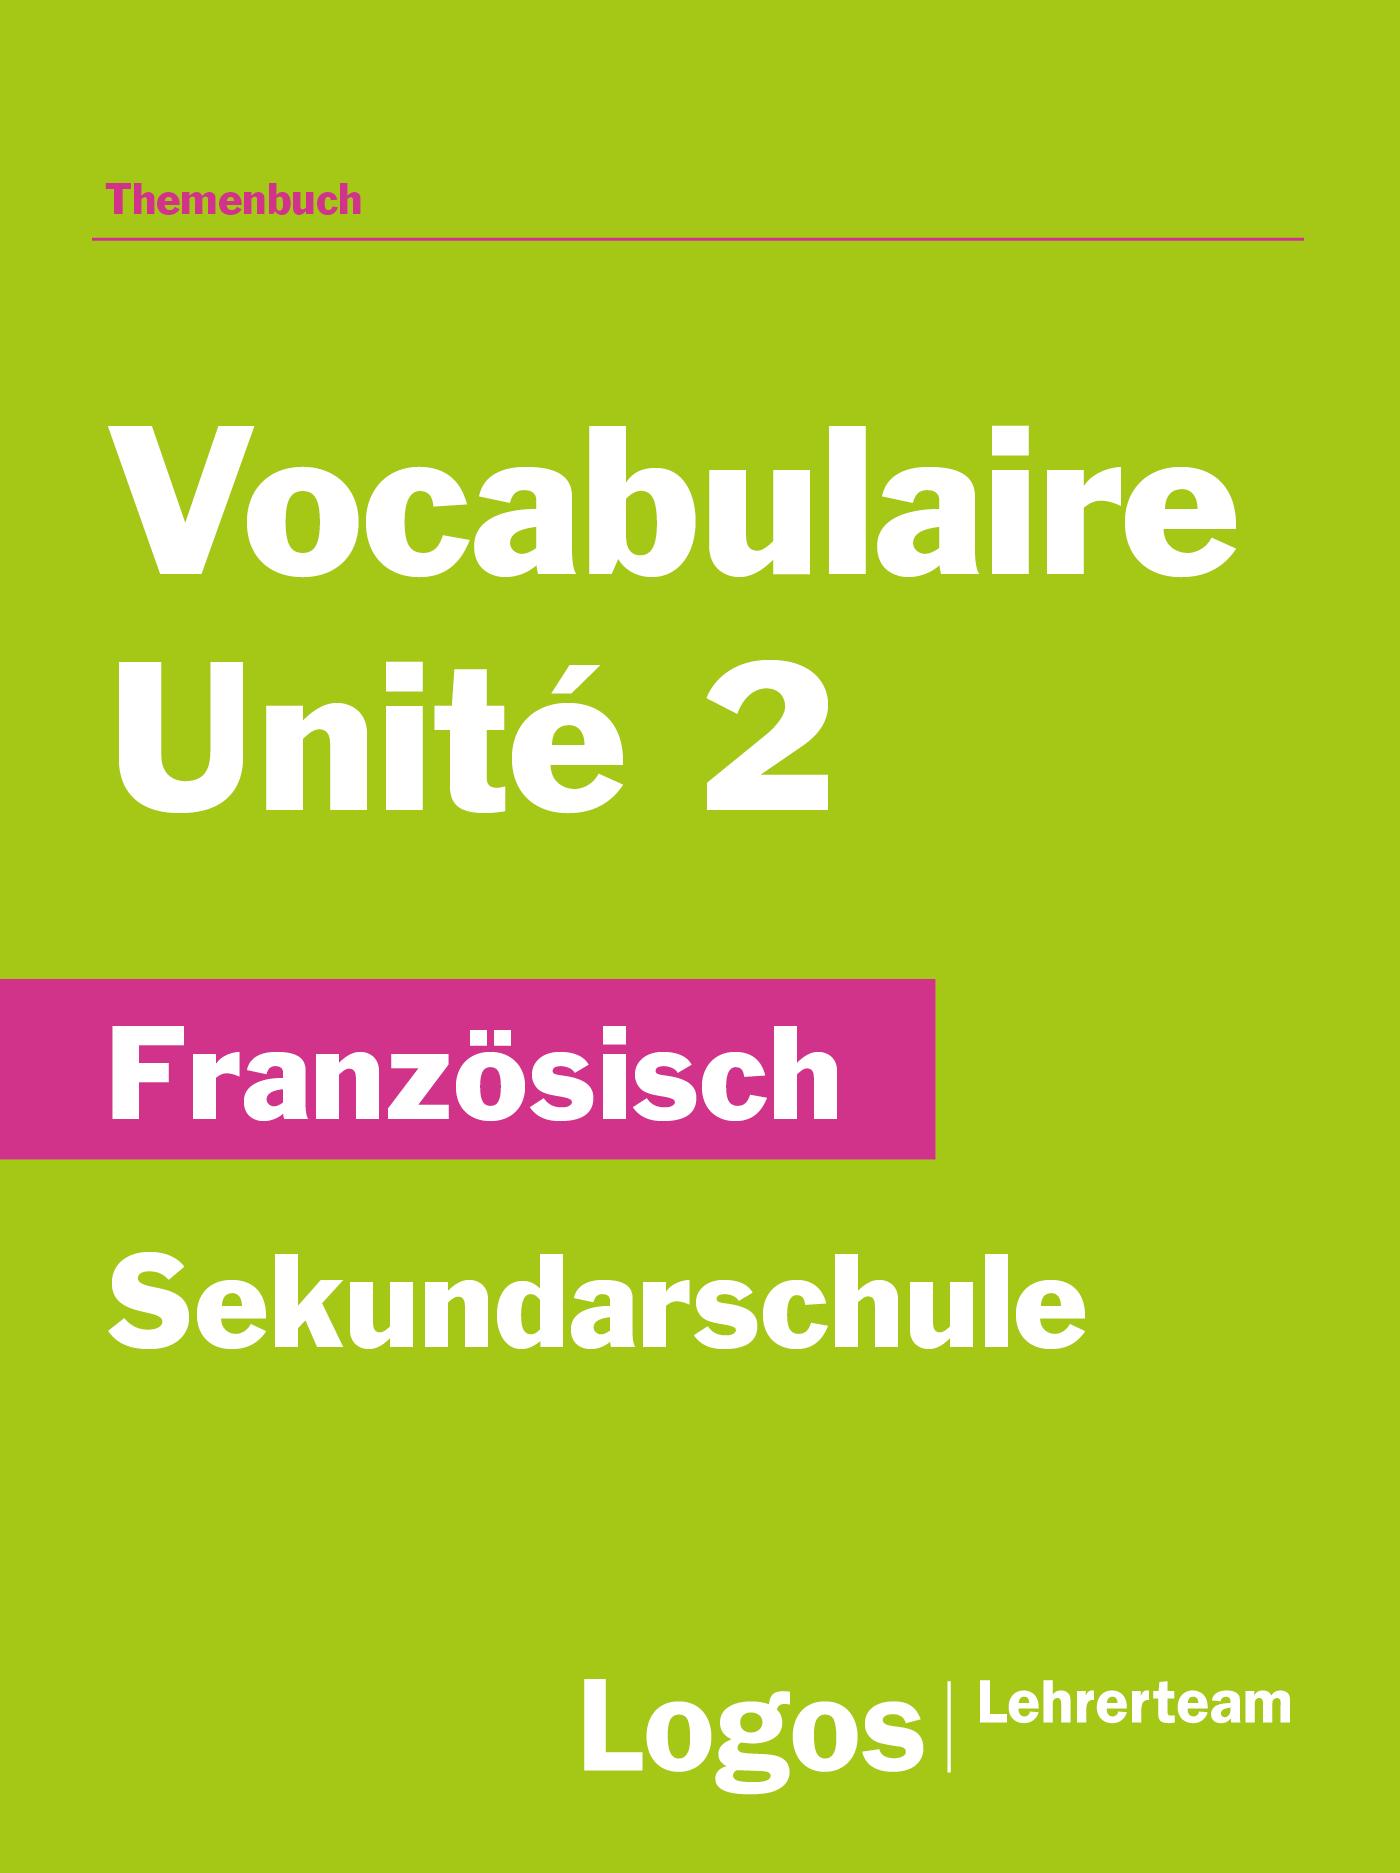 Französisch Vocabulaire Unité 2 - Sekundar